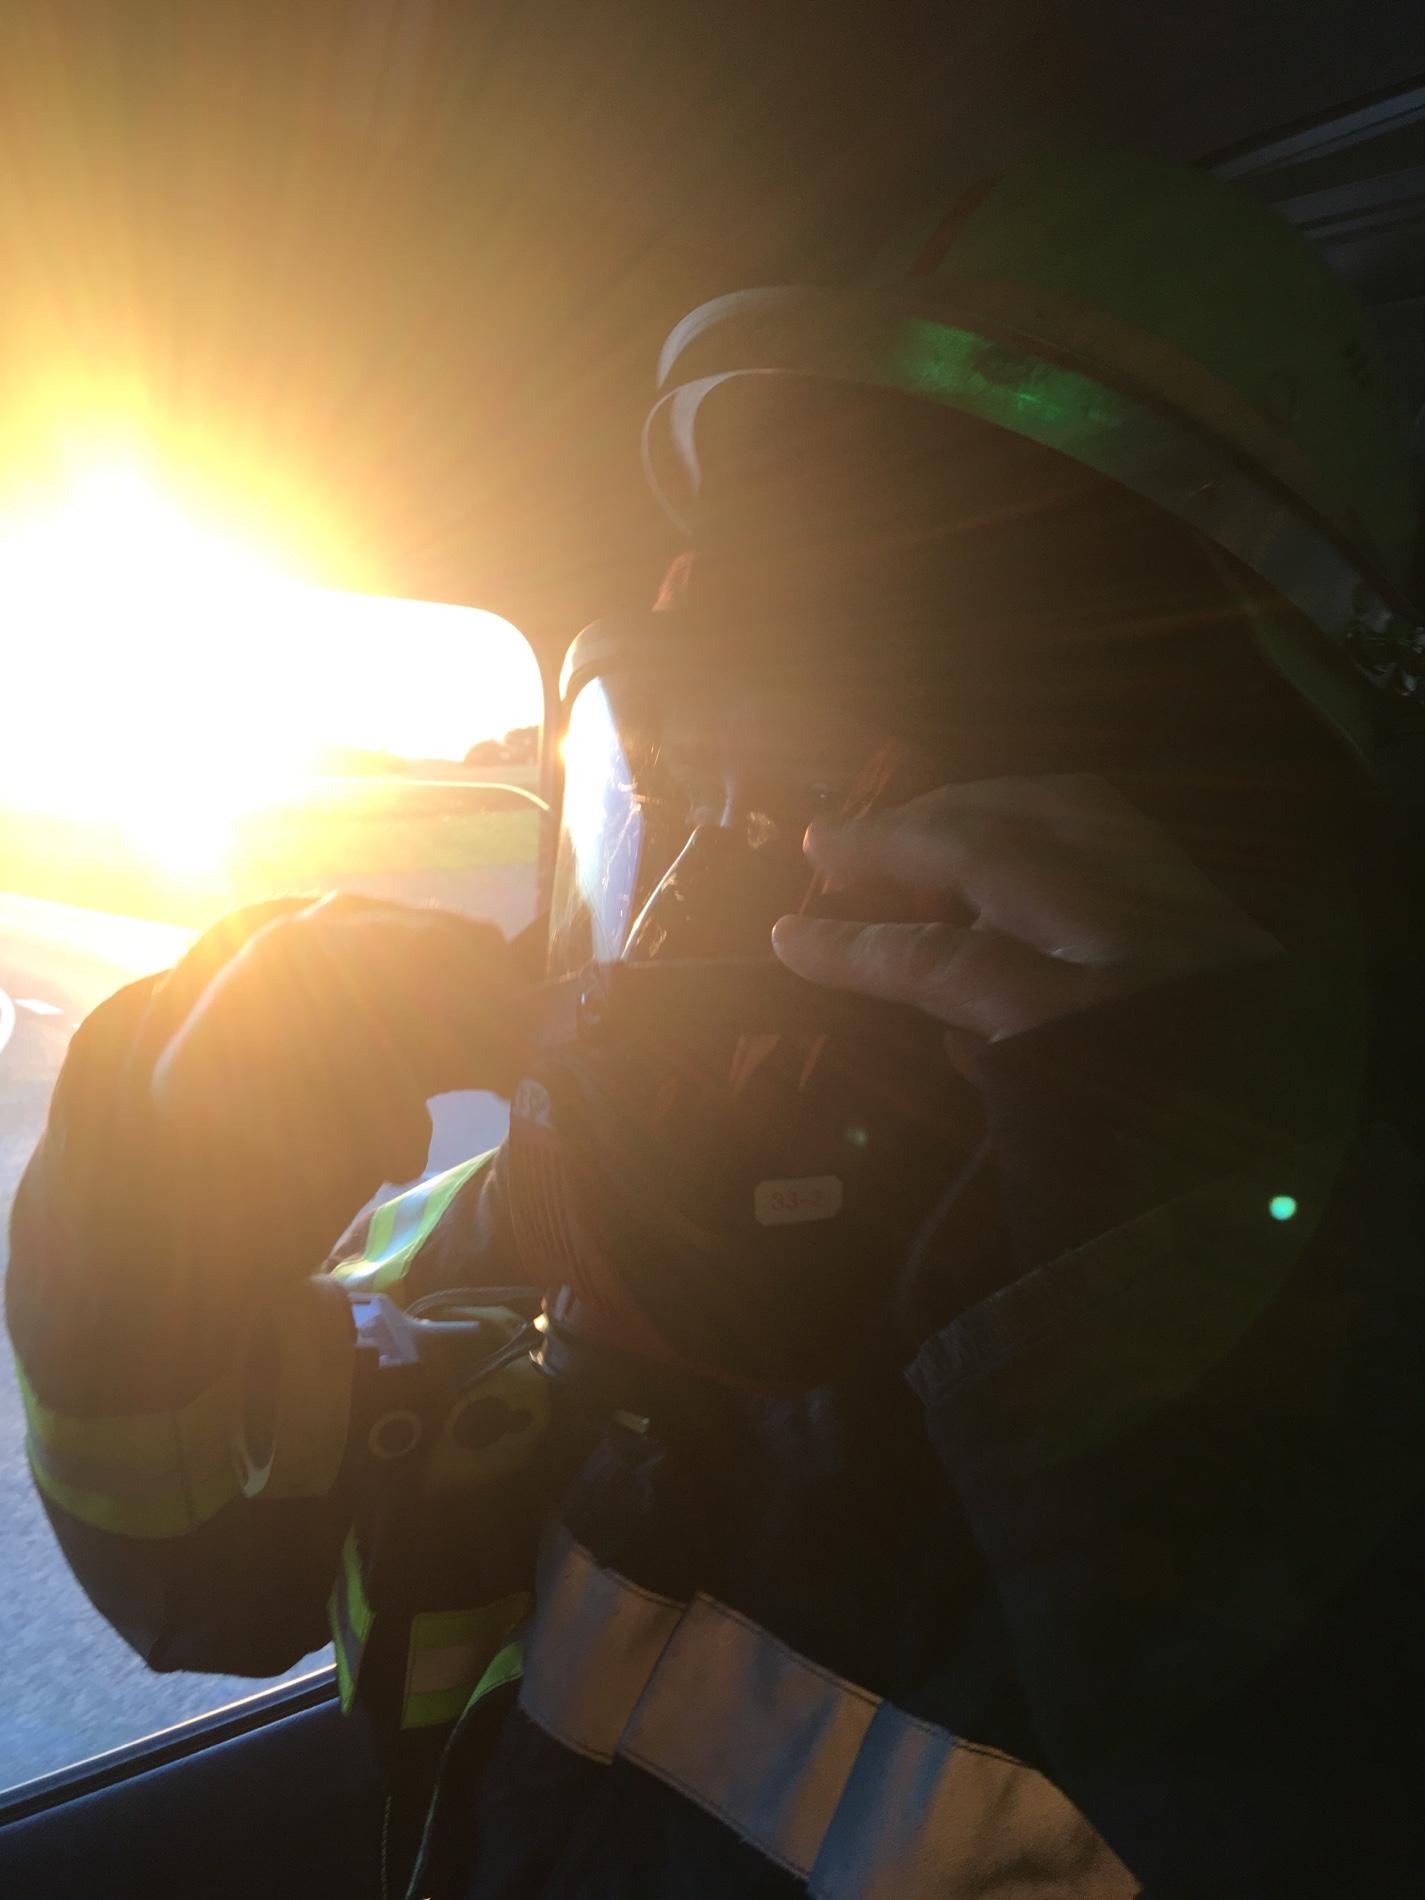 Christian Thoma (1. Kommandant der FF Rieblingen) rüstet sich während der Fahrt mit Atemschutz aus.